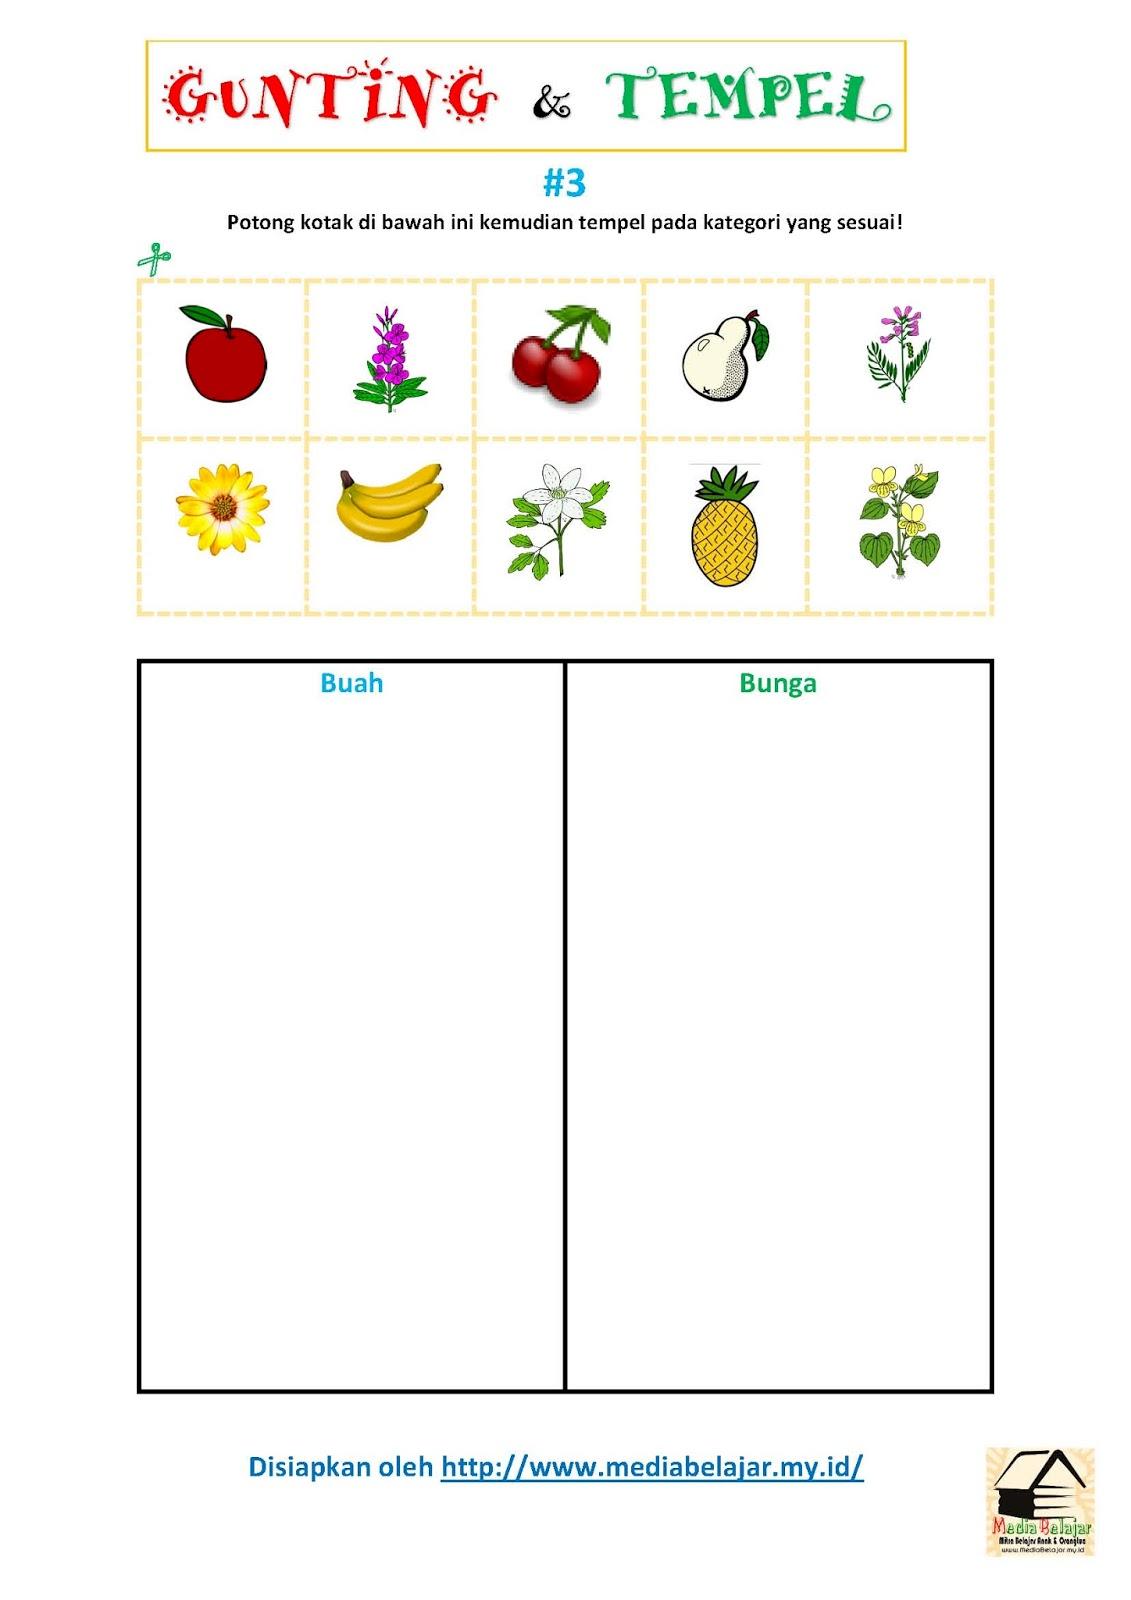 Gunting dan Tempelkan Gambar Sesuai Kategori Buah Vs Bunga